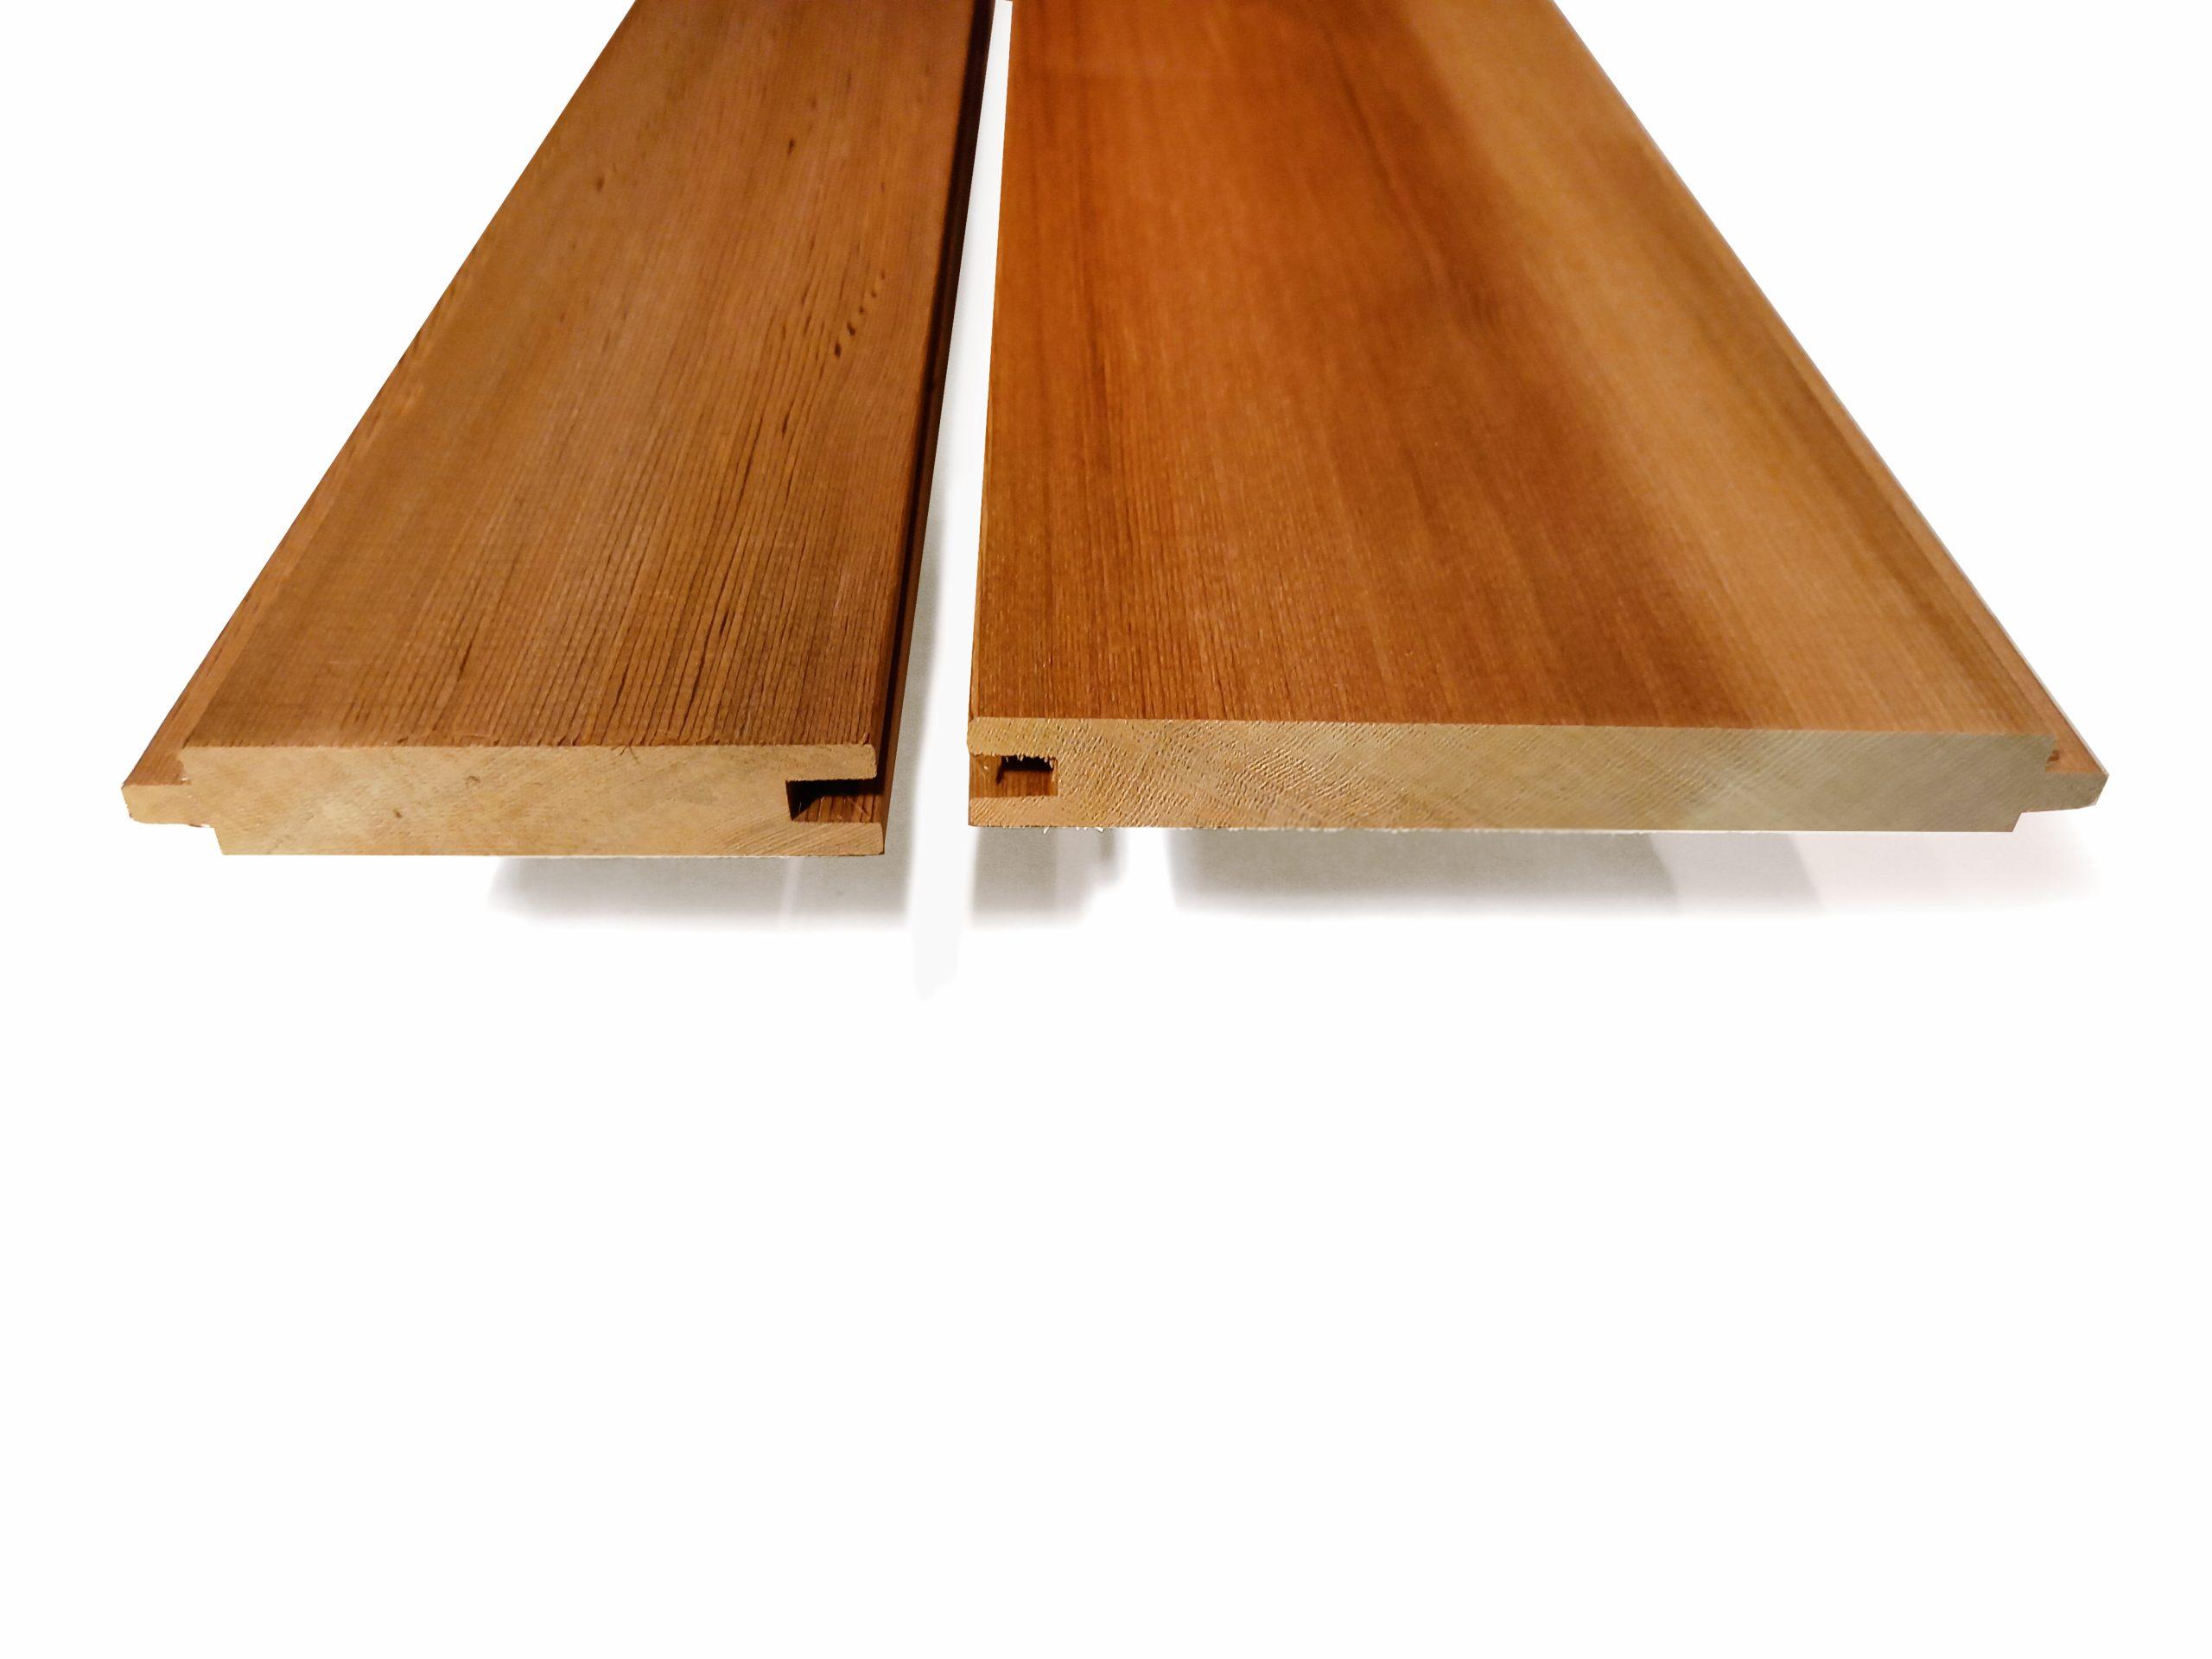 Cederträ panel - cederpanel profil